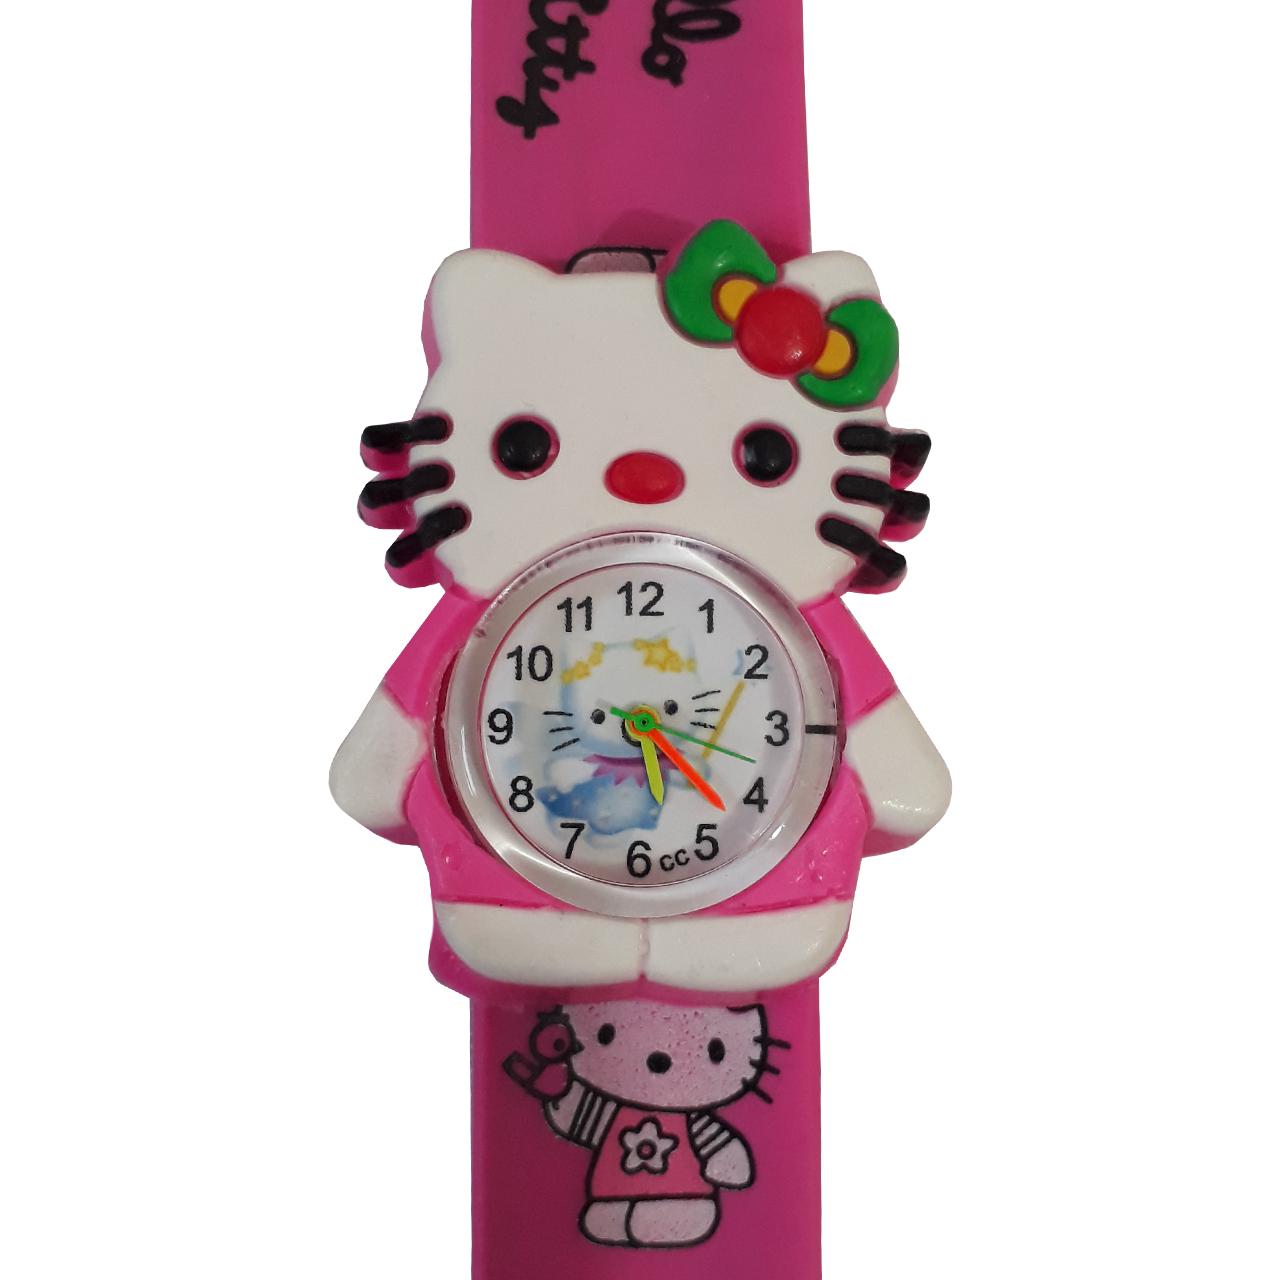 ساعت مچی عقربه ای بچگانه مدل کیتی عروسکی کد 905